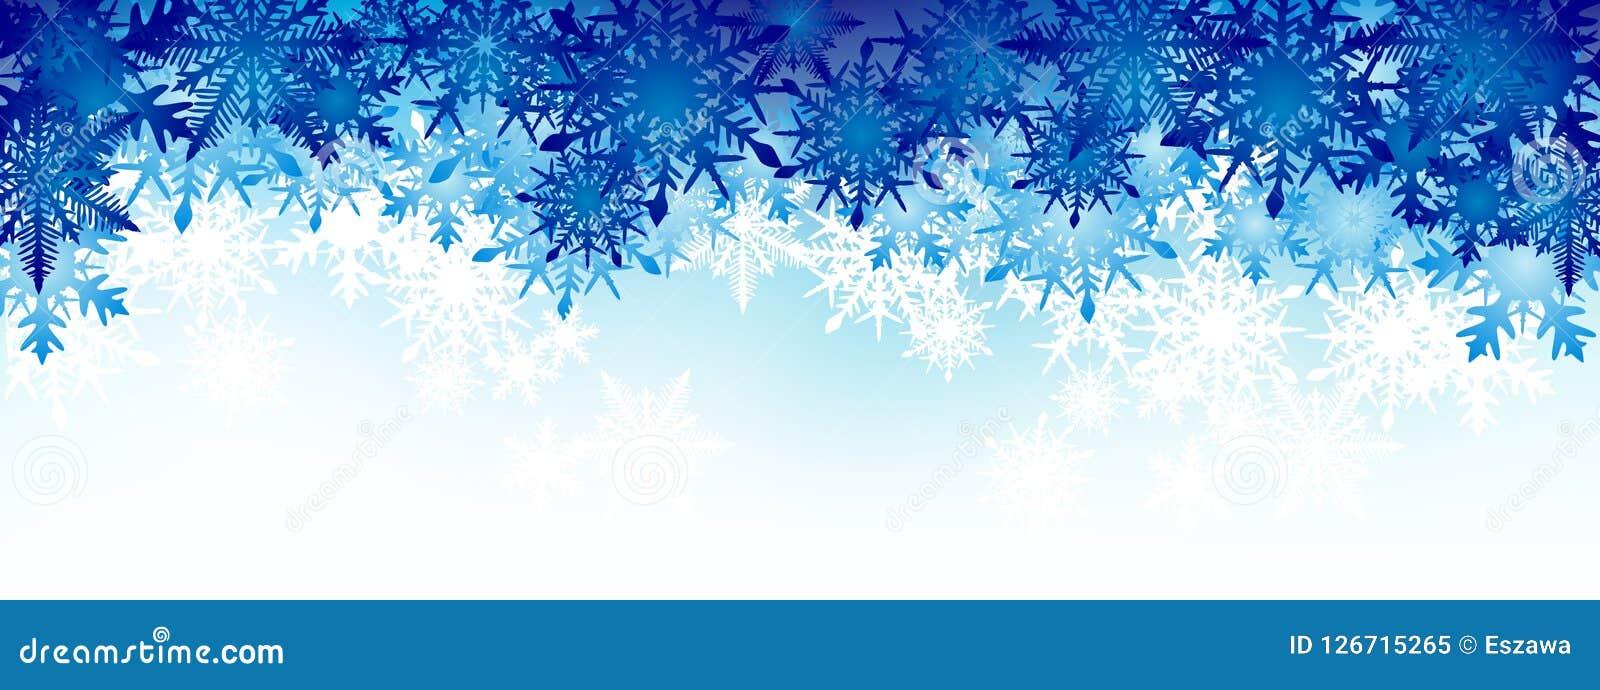 De winterachtergrond, sneeuwvlokken - vectorillustratie